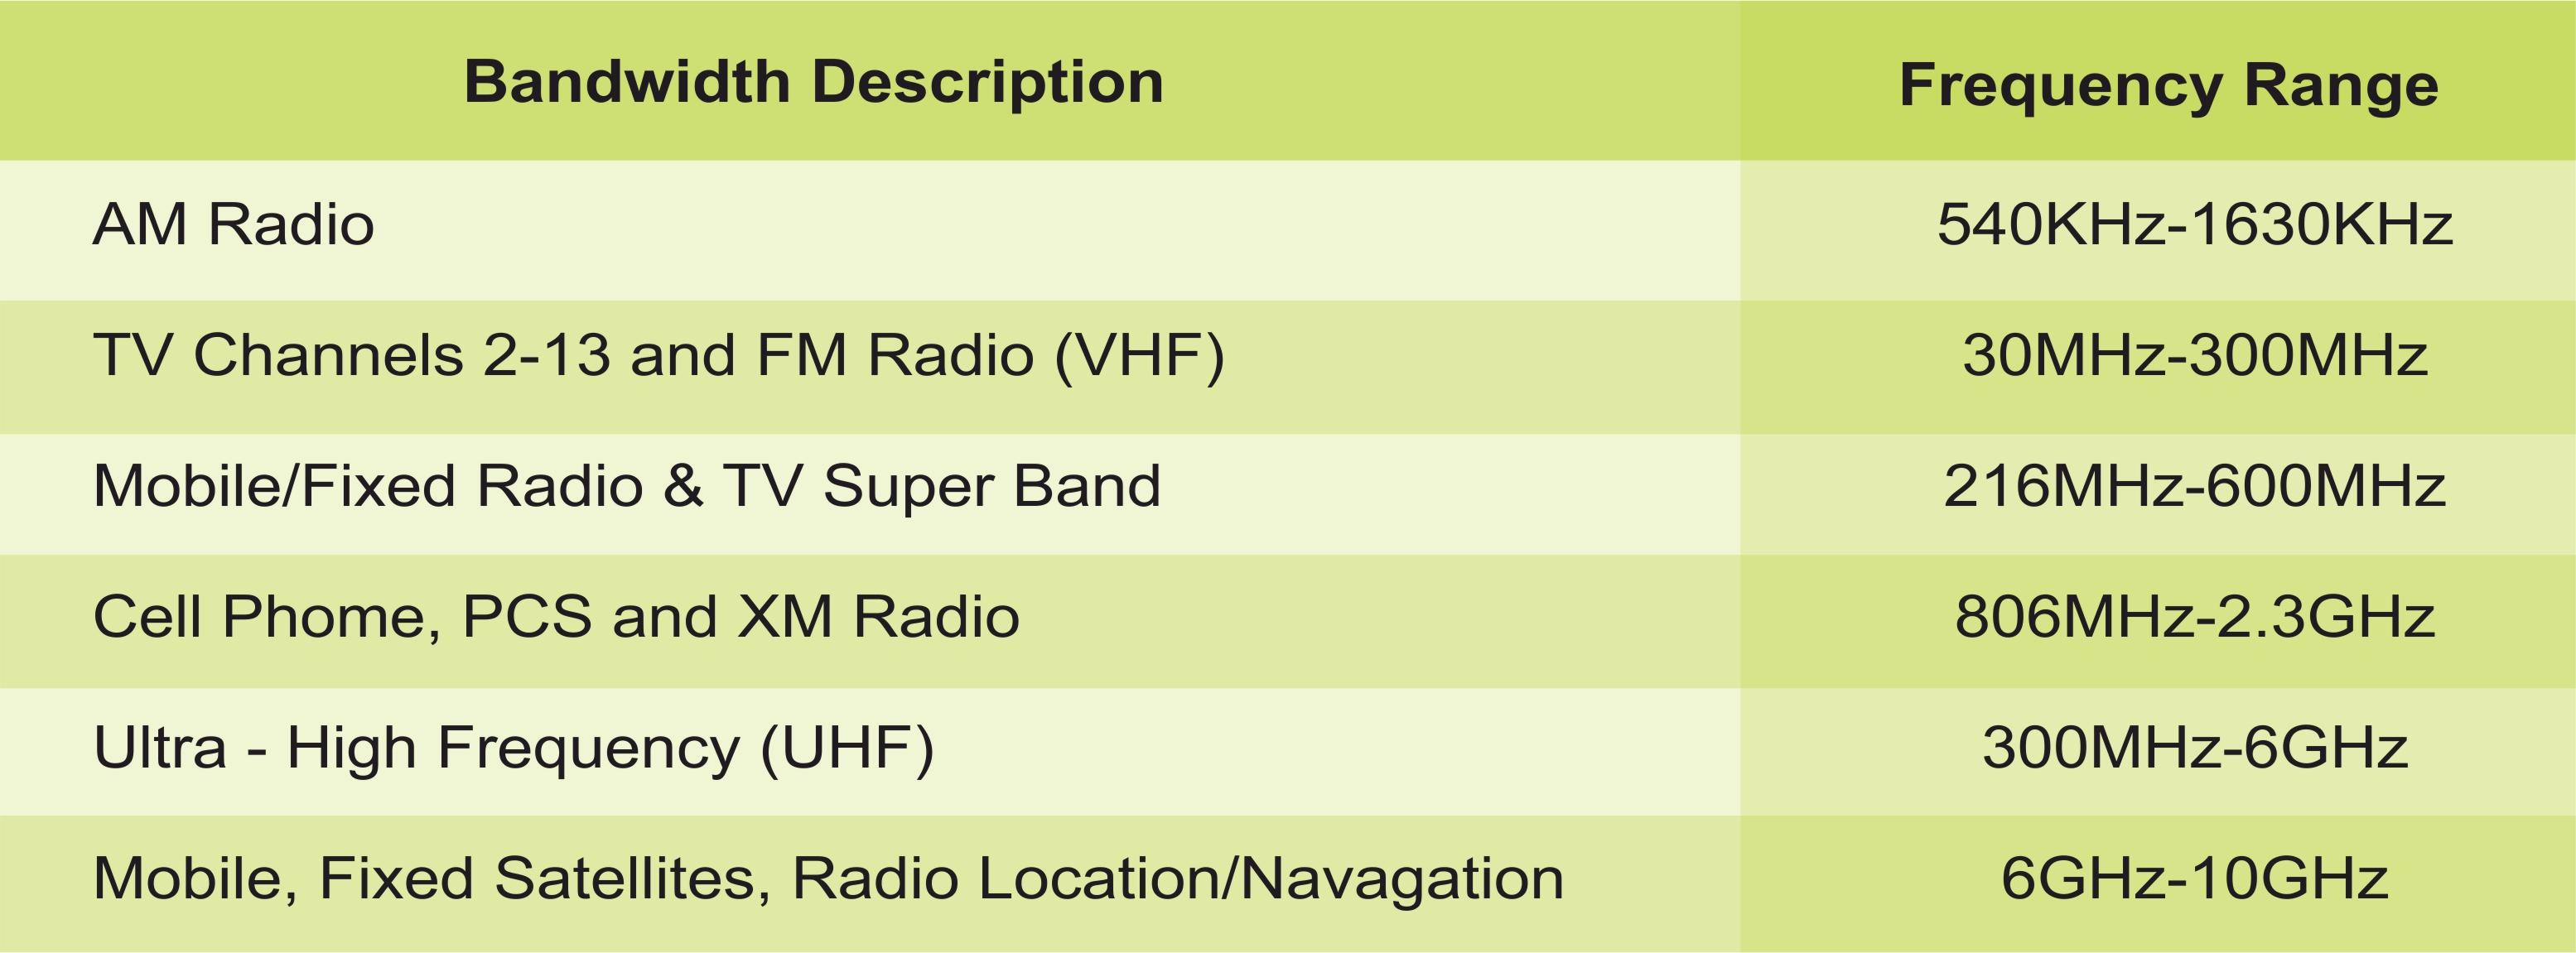 EMF window flm chart